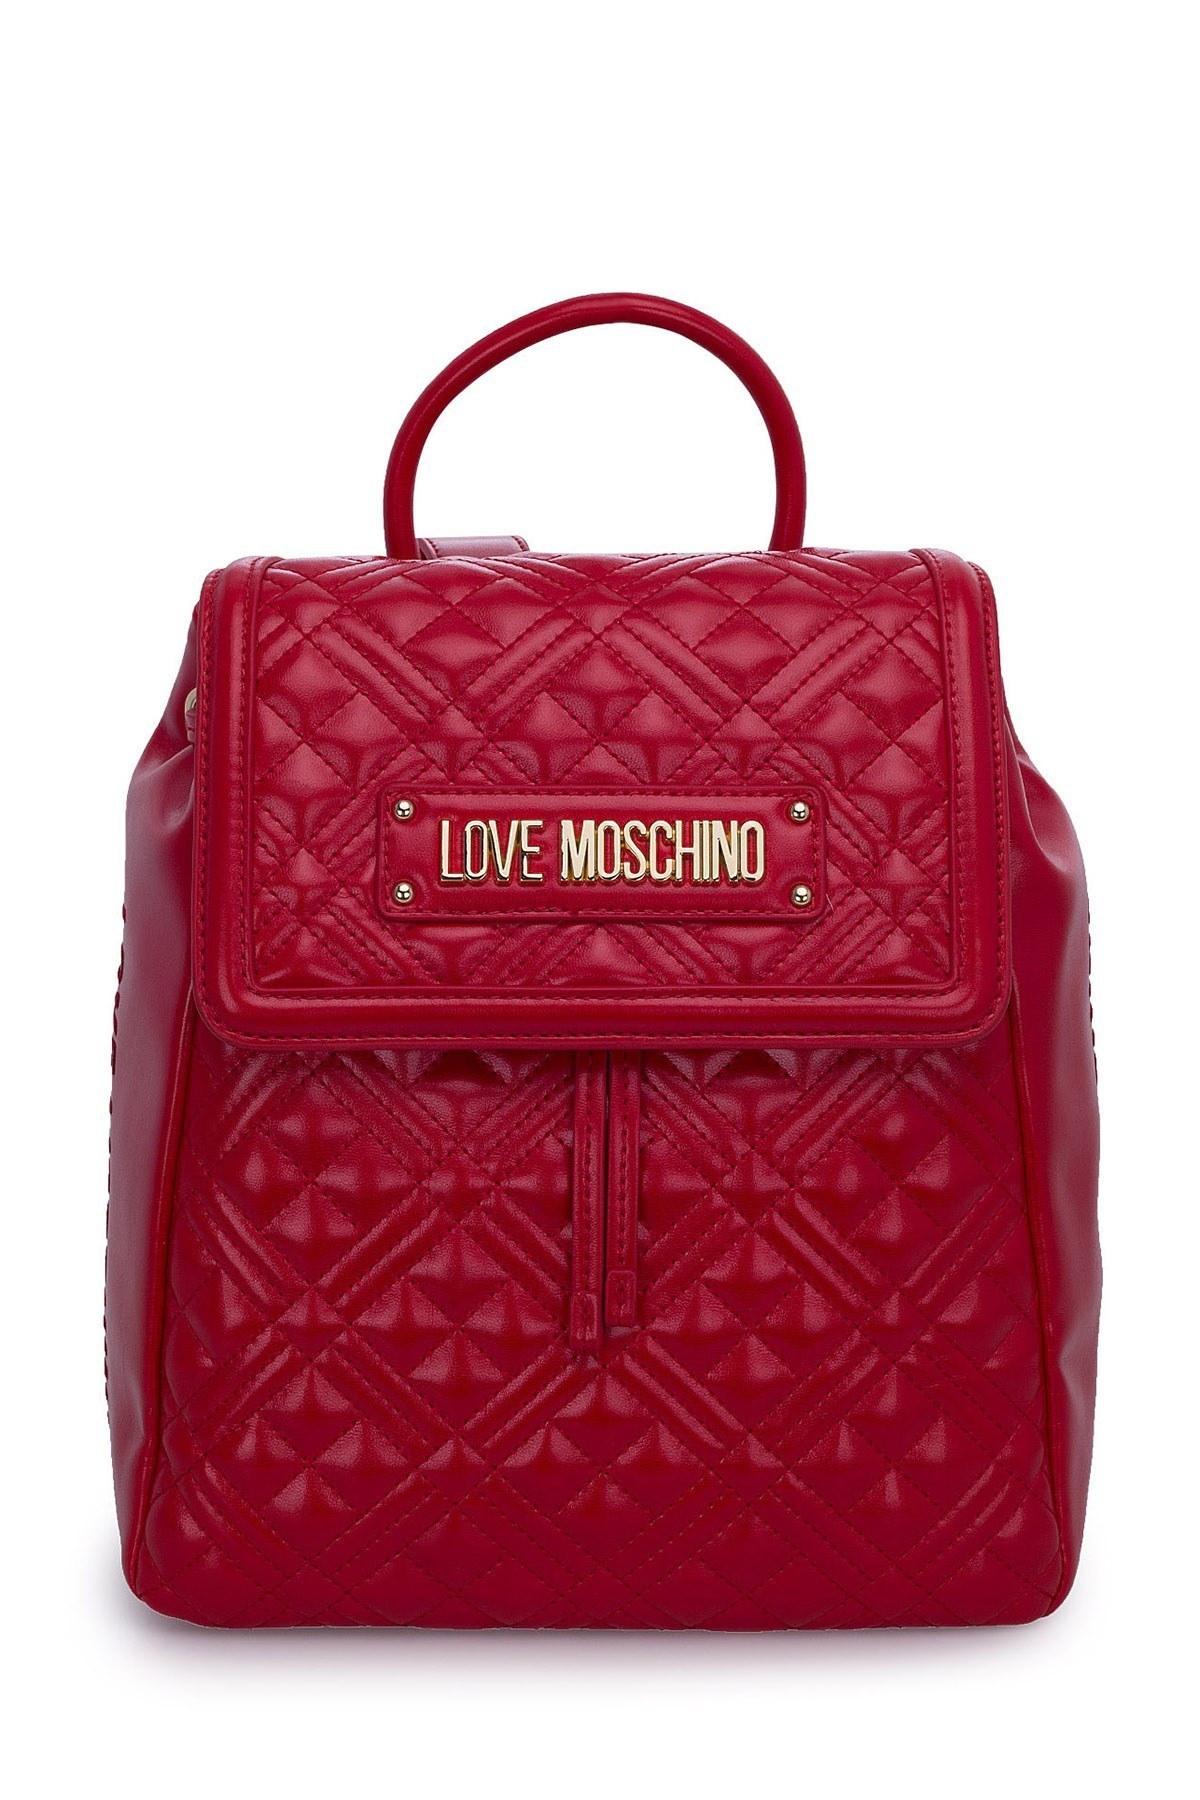 Love Moschino Logo Baskılı Ayarlanabilir Askılı Bayan Çanta JC4012PP1BLA0500 KIRMIZI